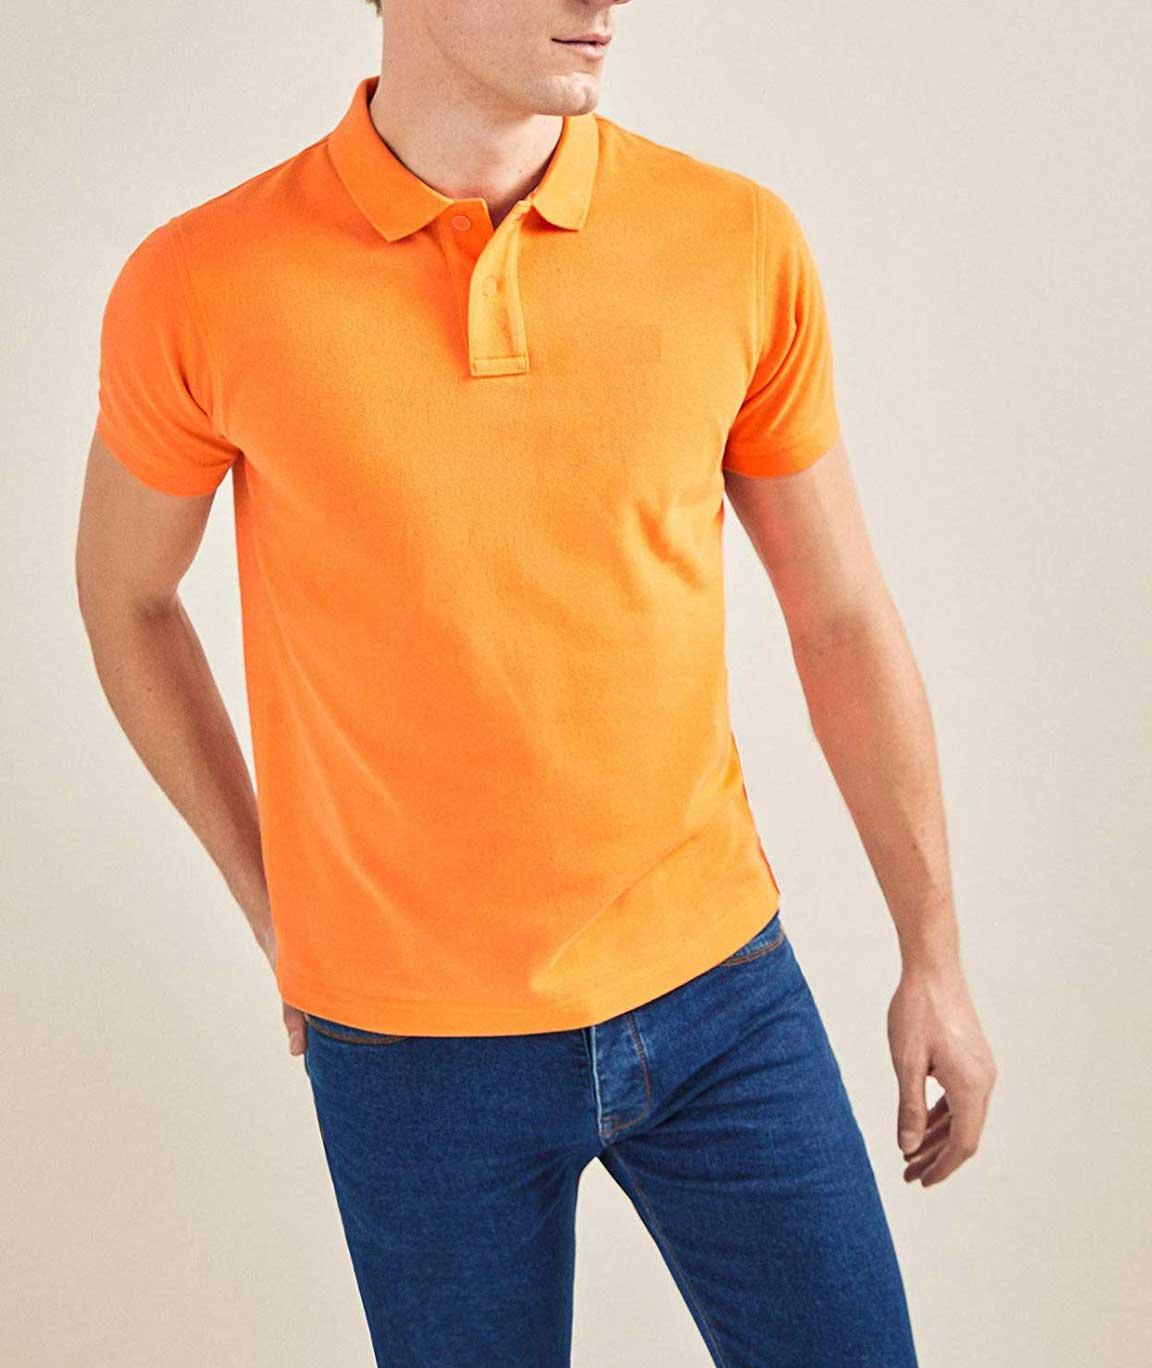 Vestiario Cotton Blended Polo Neck T-Shirts Sizes 38 to 44